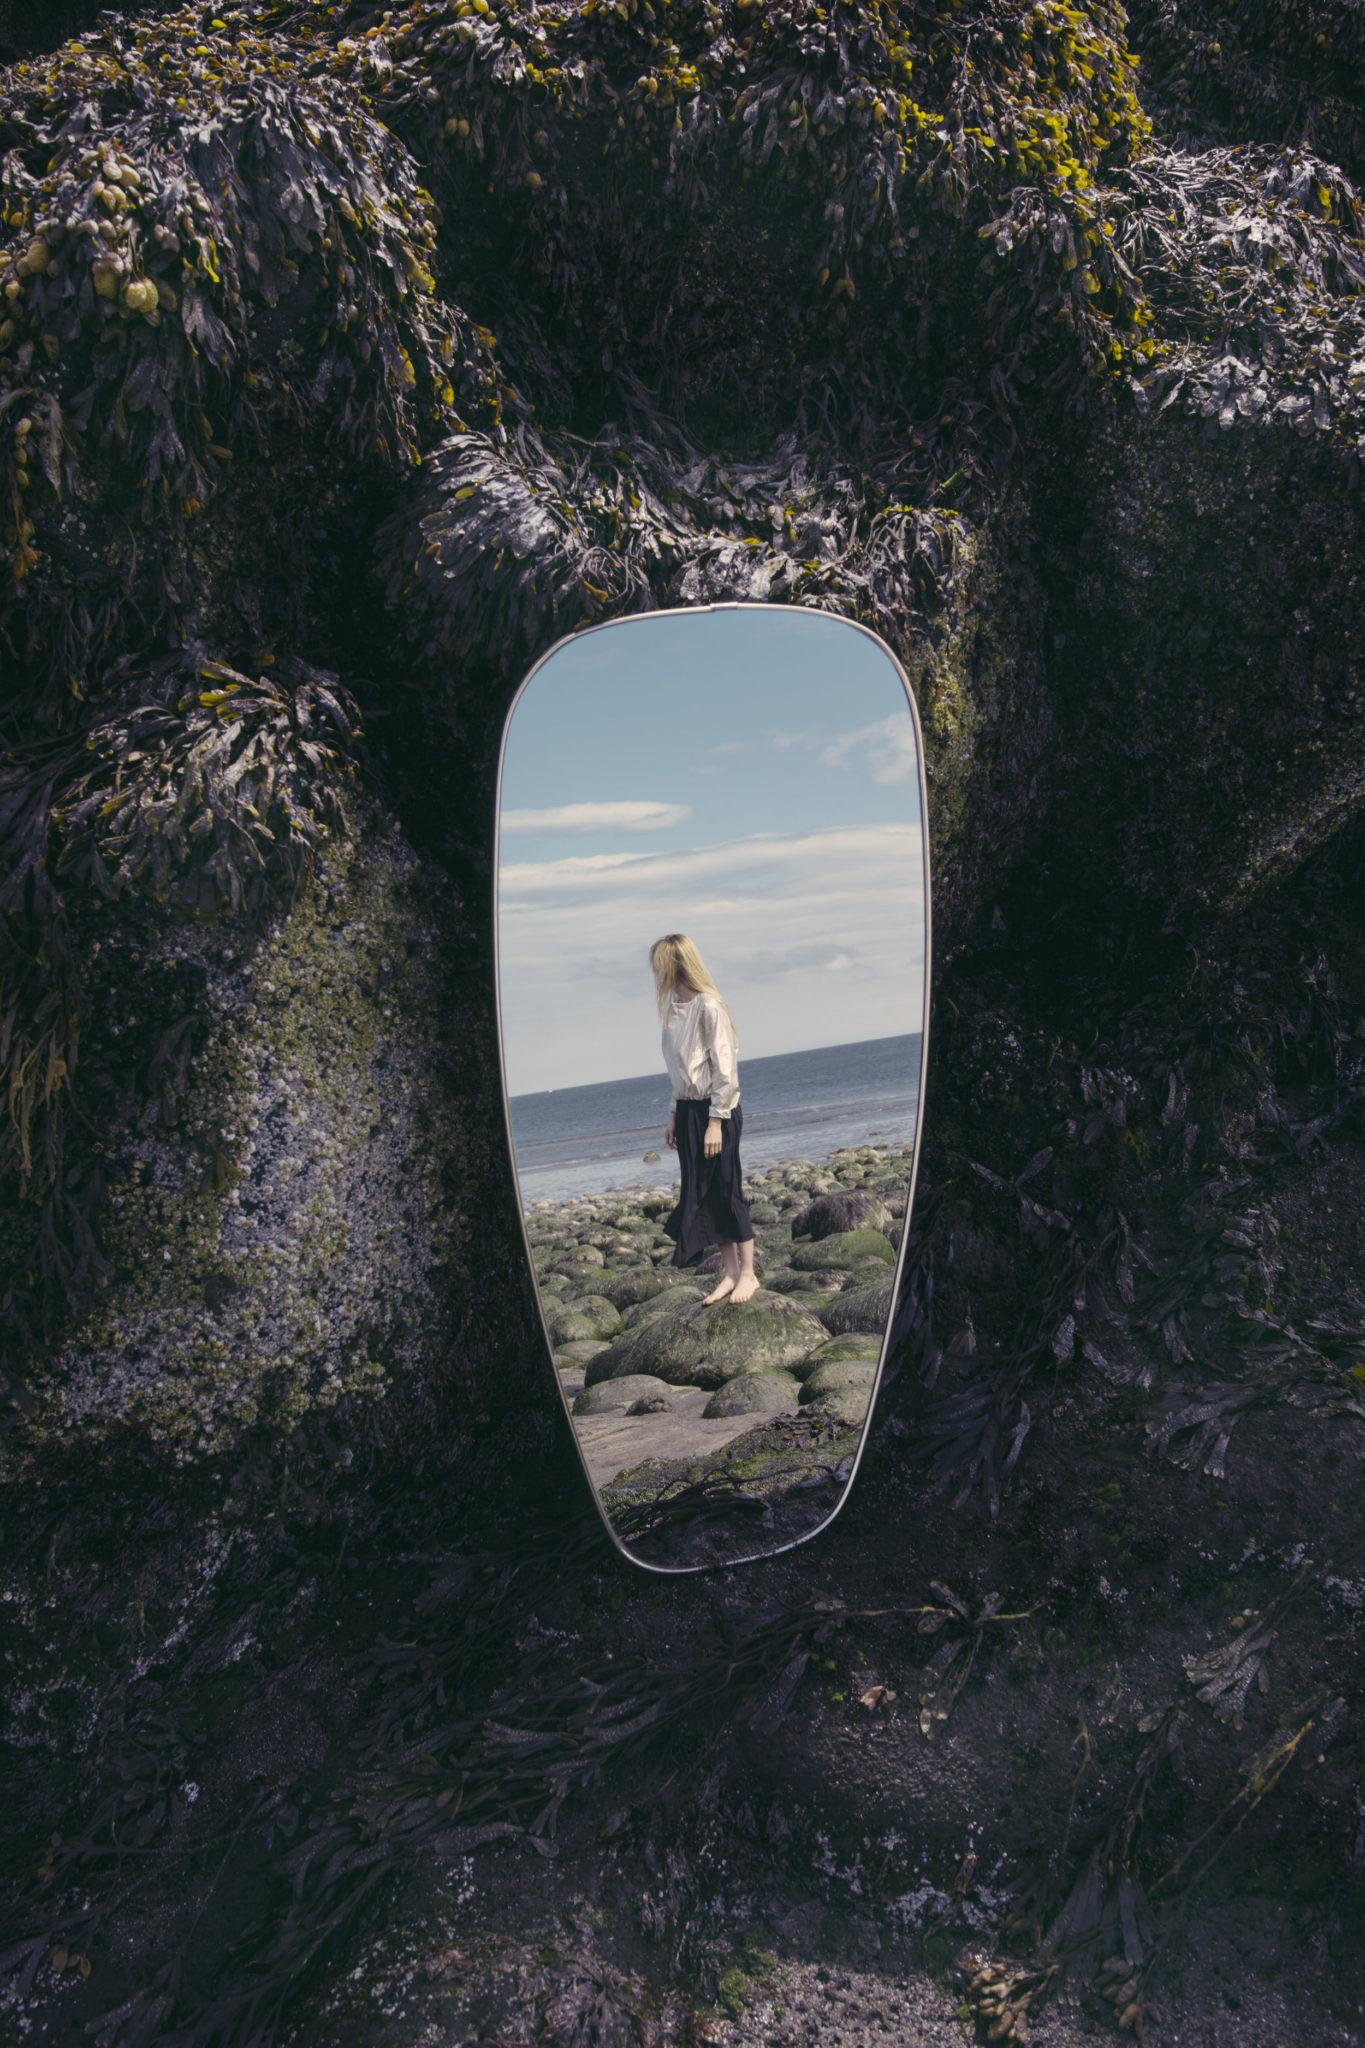 Zdjęcie w zdjęciu. Na samym środku jest lustro, a w nim odbicie plaży wraz ze stojącą kobietą.